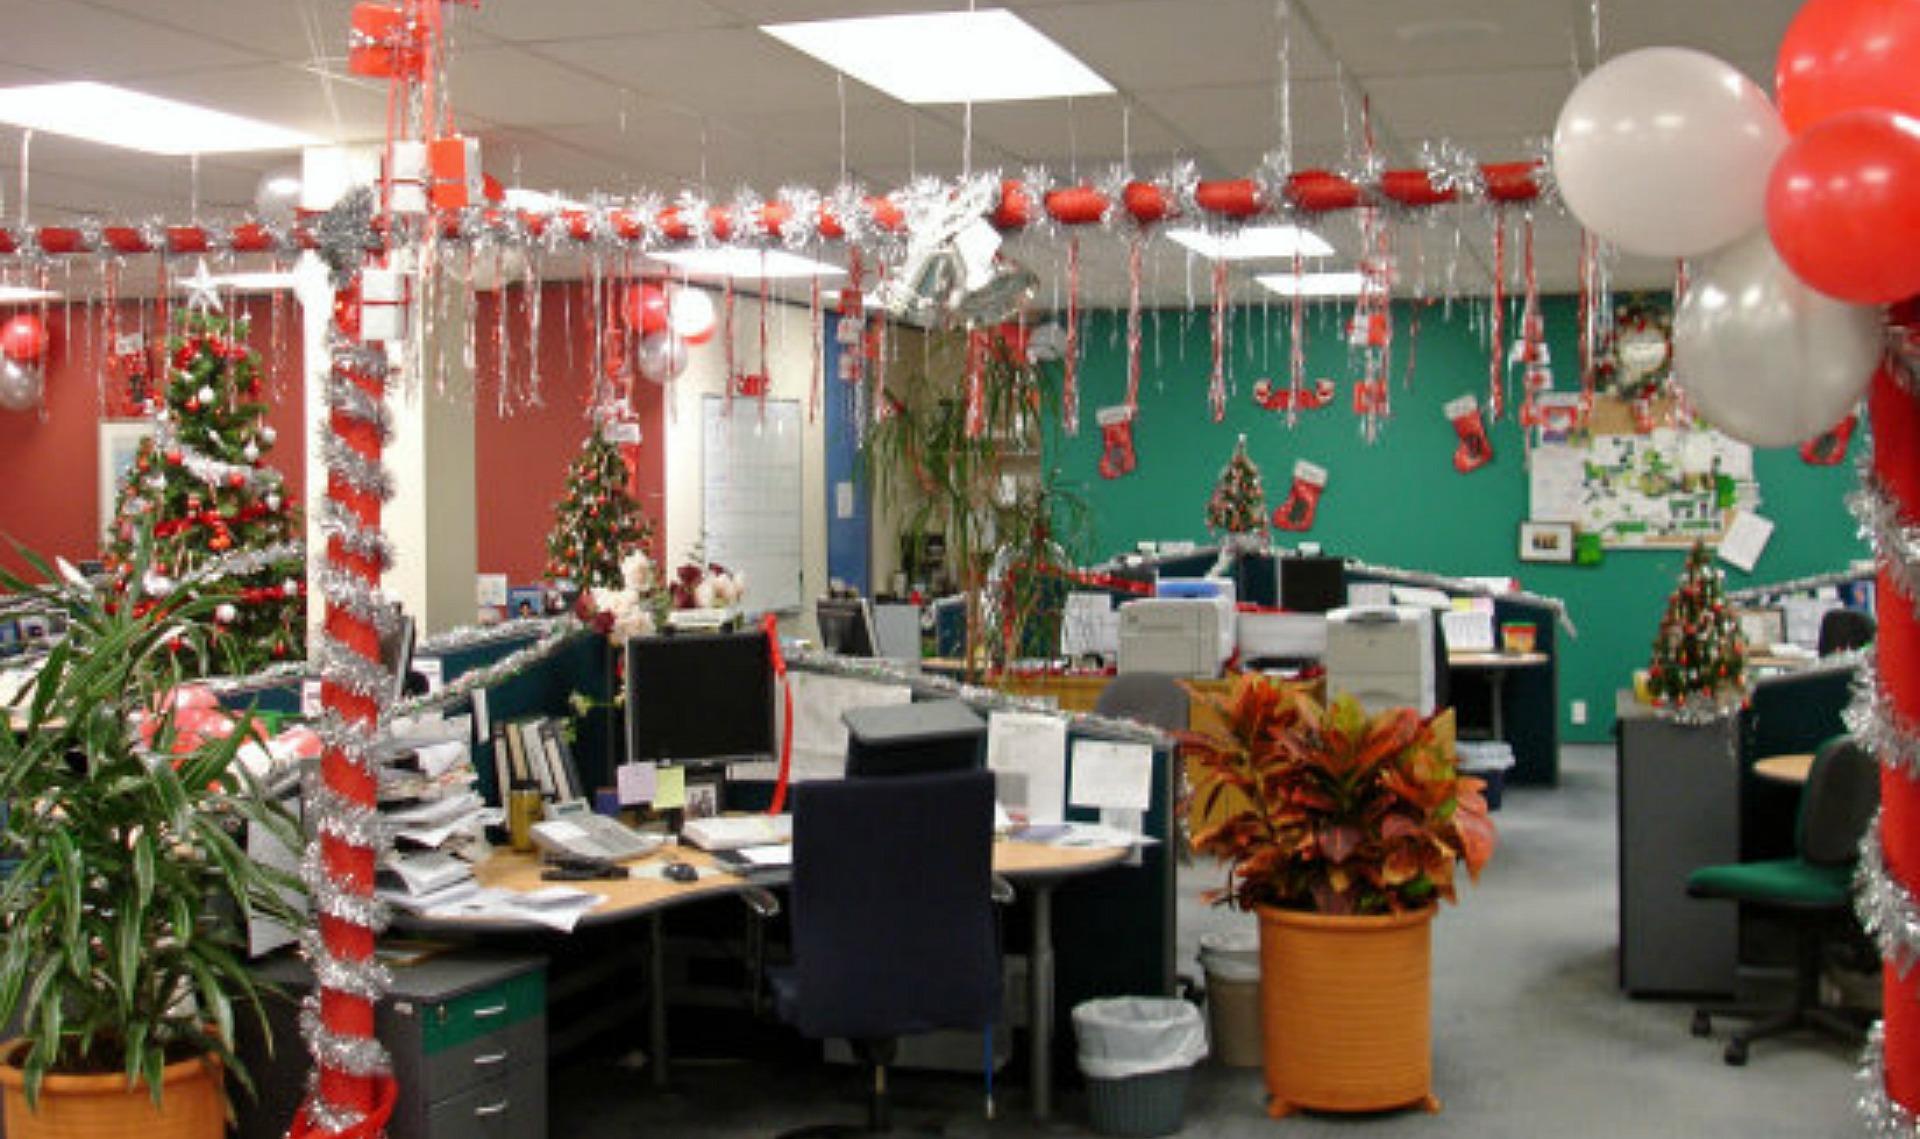 Christmas Decorations In Office Bay: D?co noel pour bureau ...